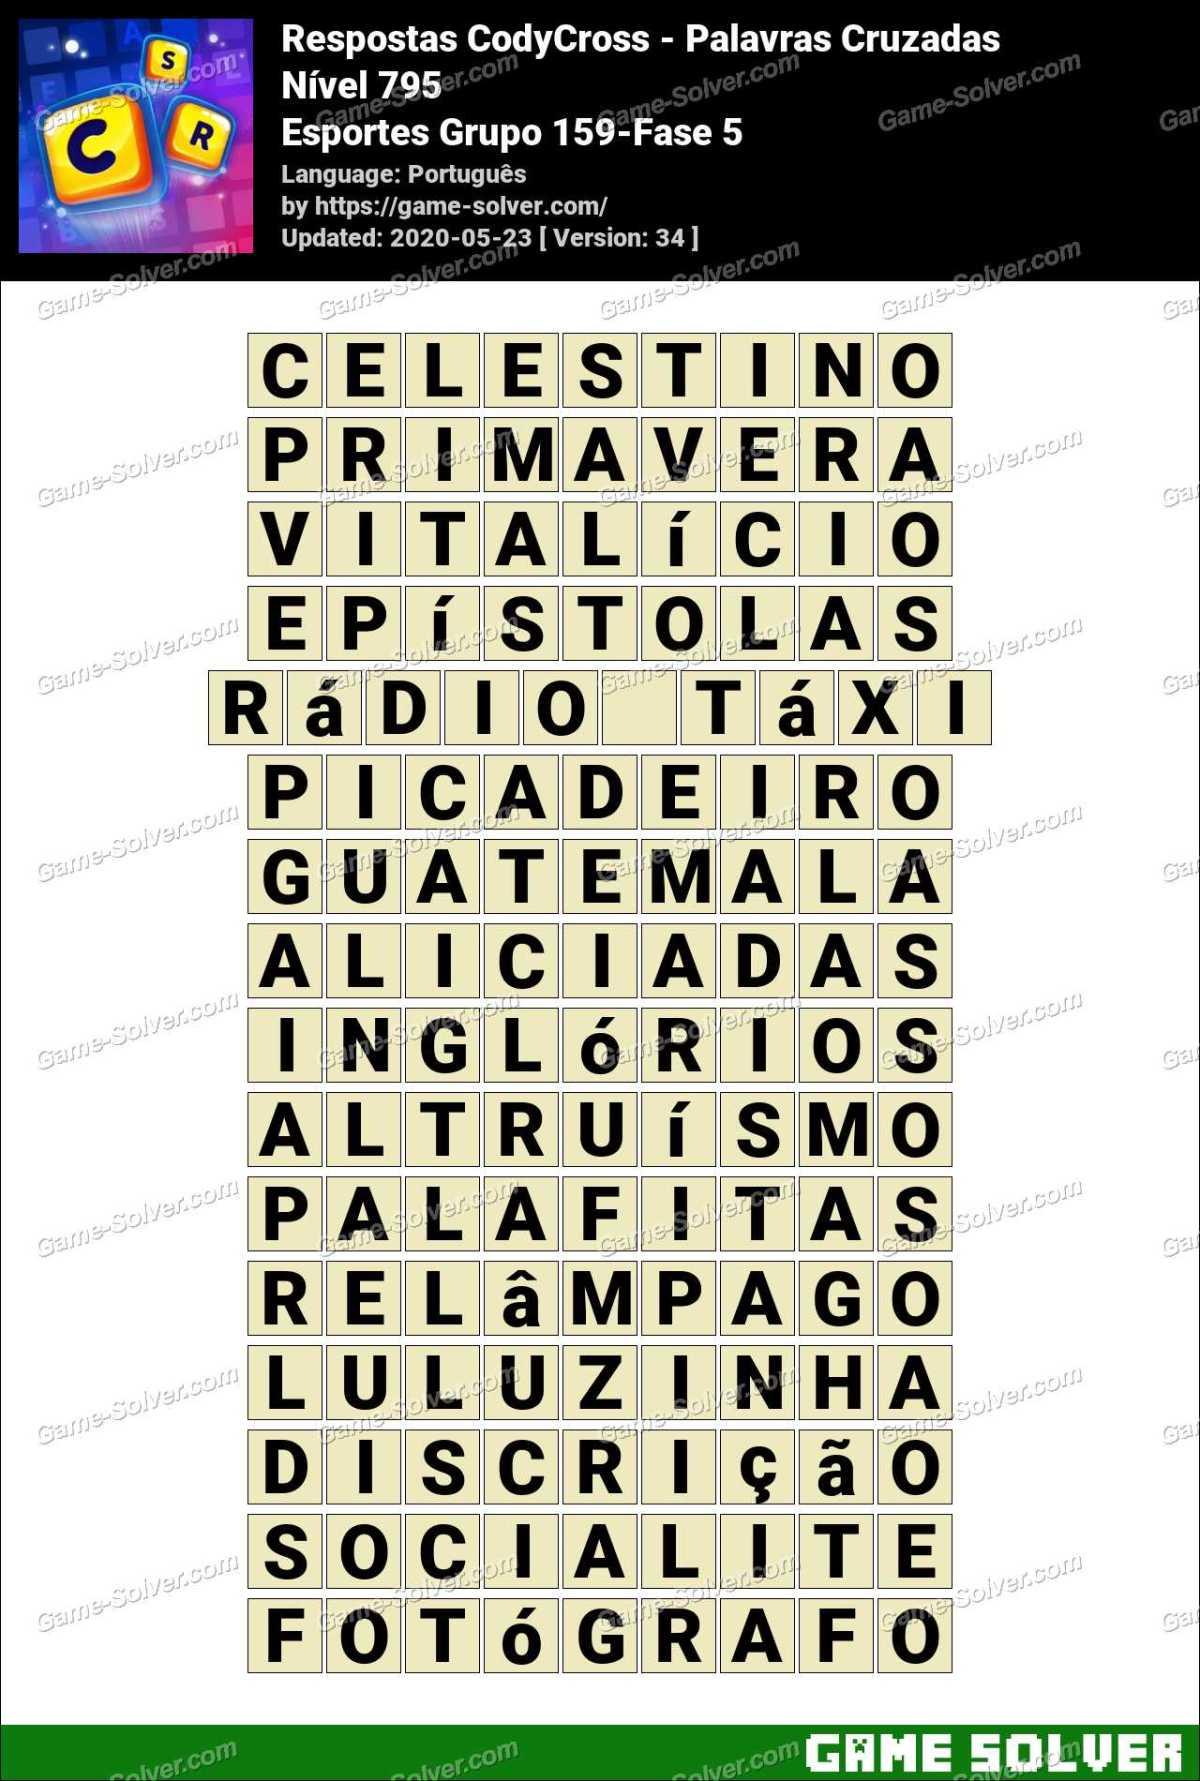 Respostas CodyCross Esportes Grupo 159-Fase 5